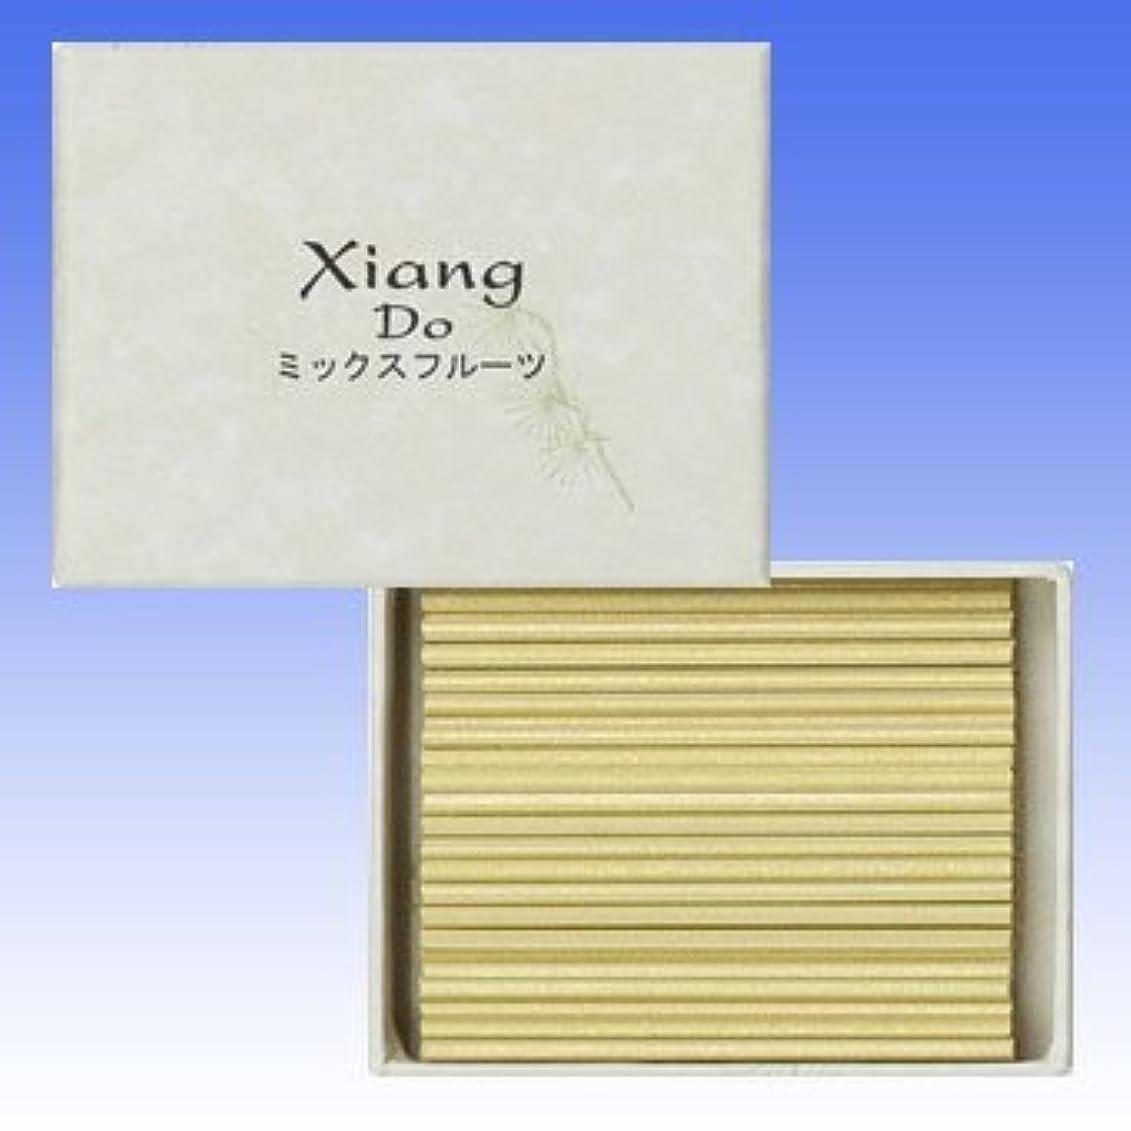 裂け目海洋の耕す松栄堂 Xiang Do(シァン ドゥ) 徳用120本入 (ミックスフルーツ)